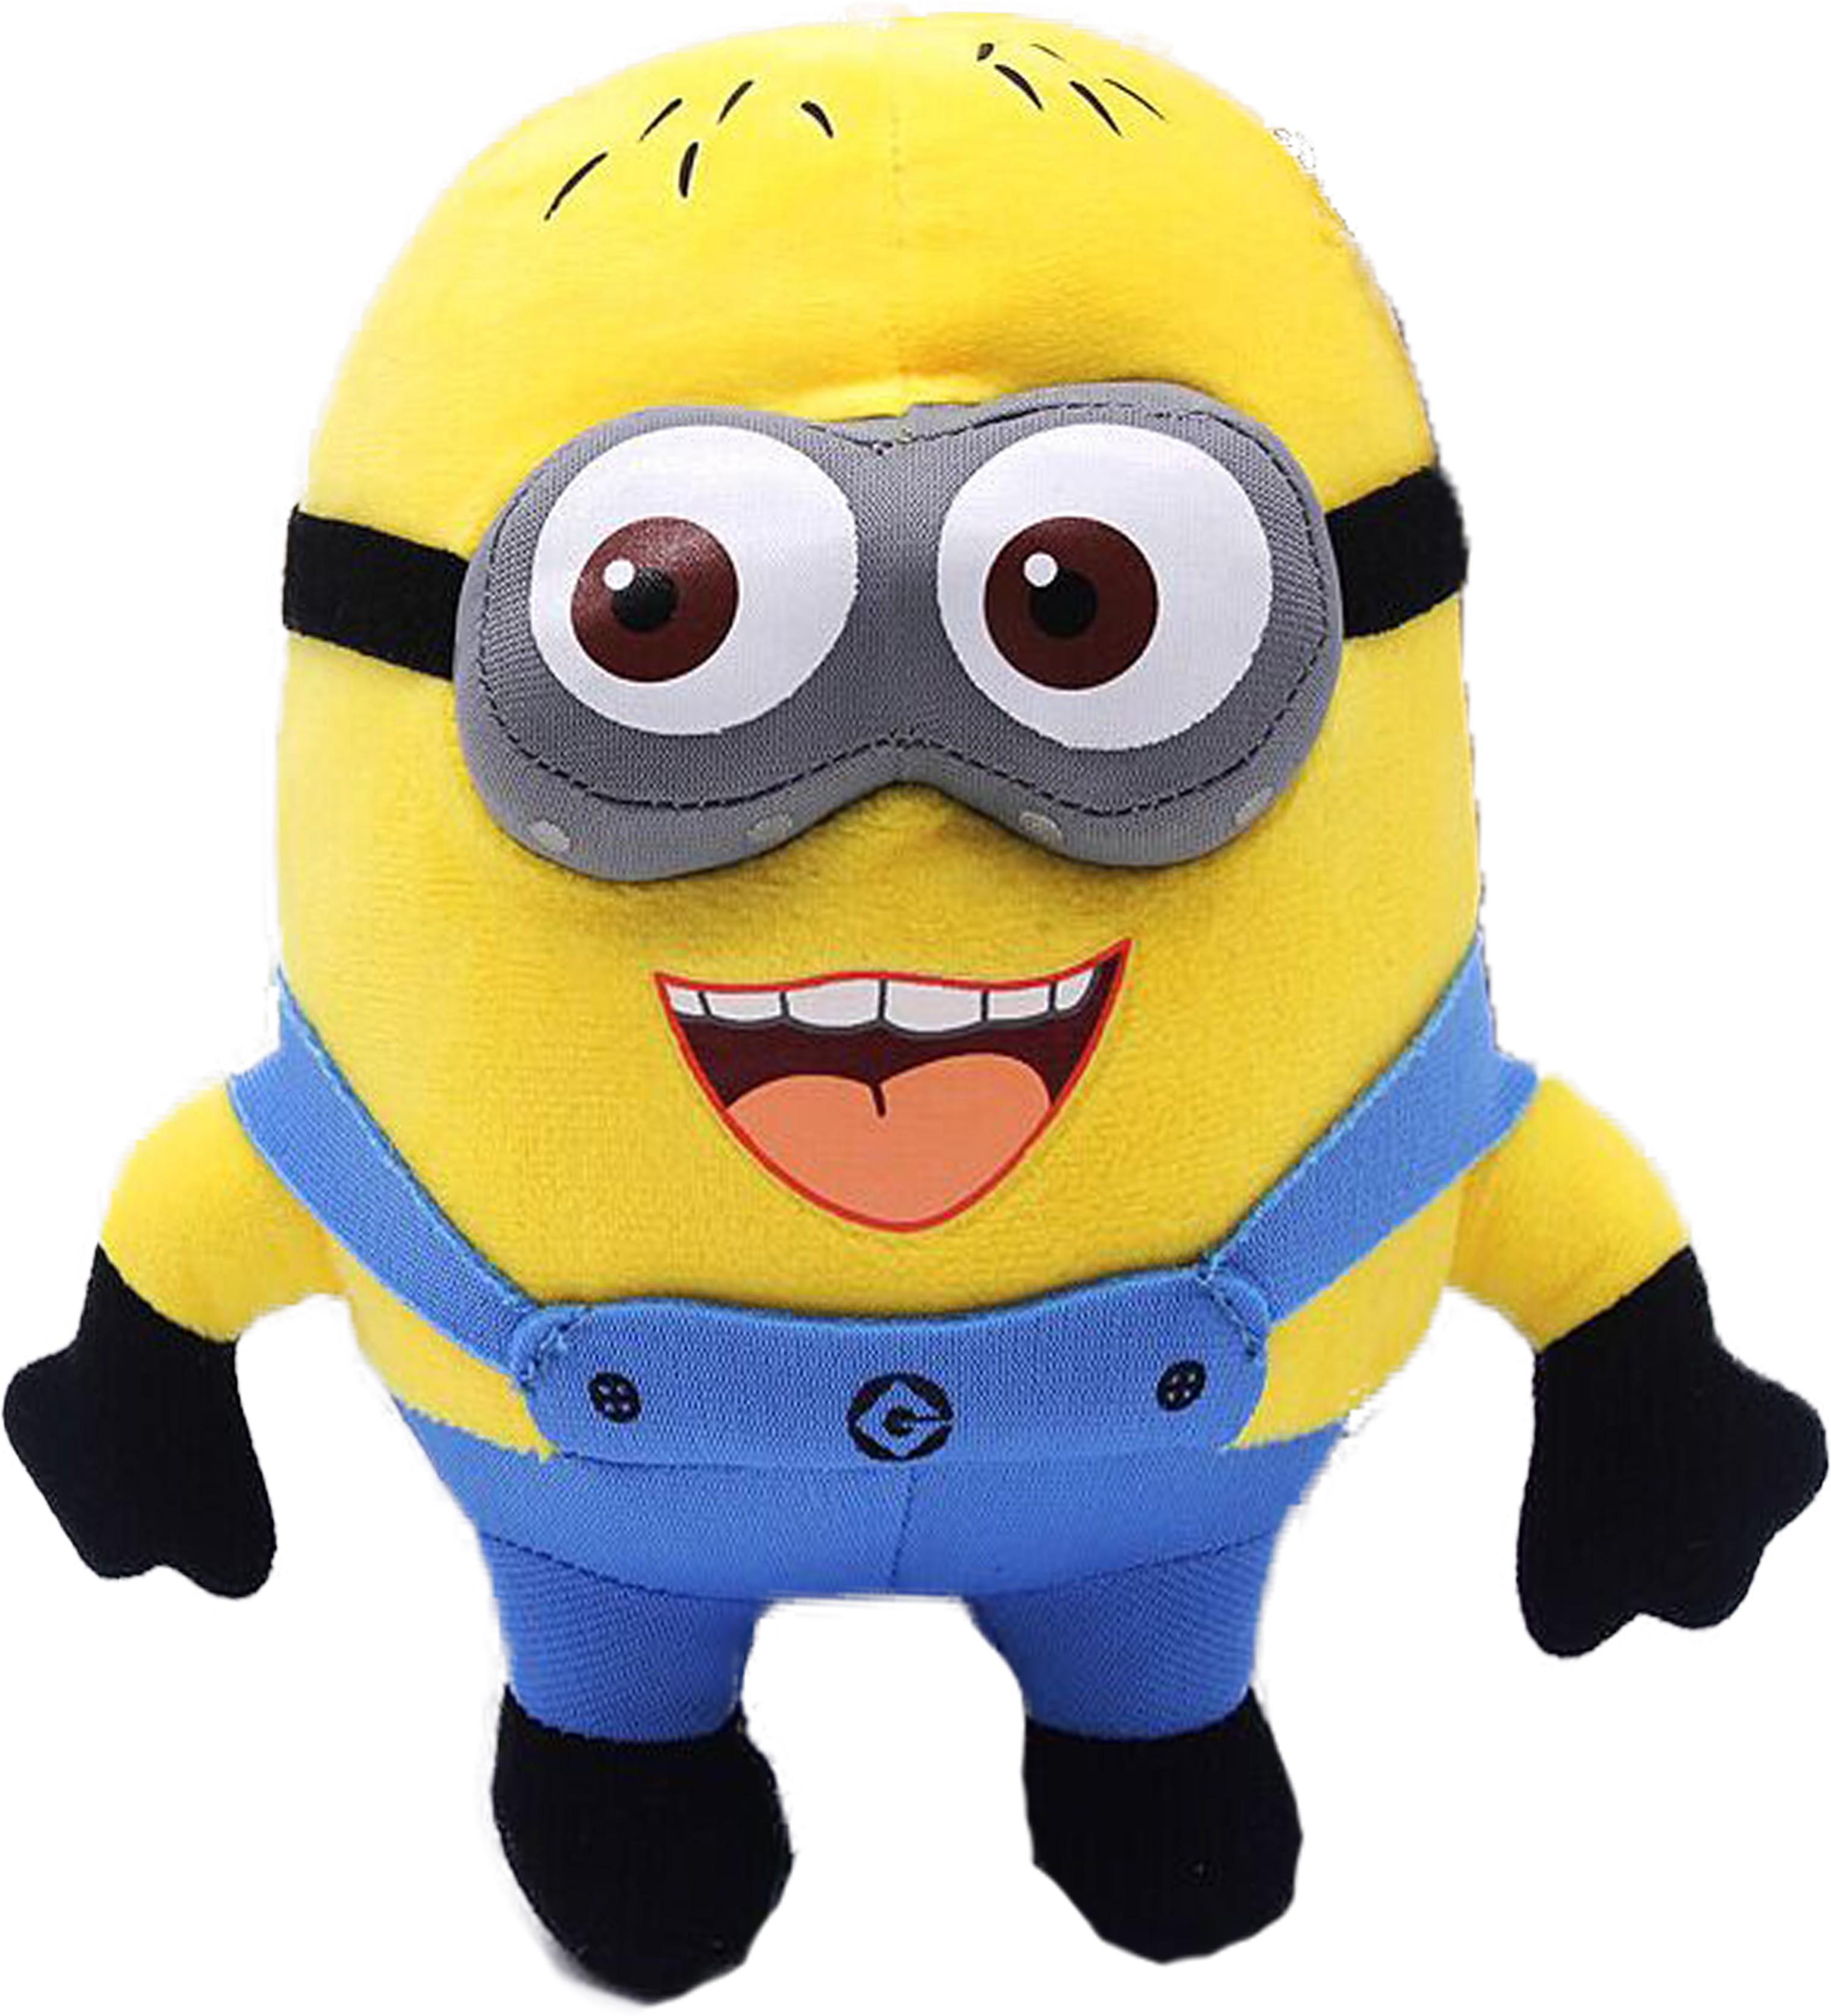 e6f68293e7ee Efinito Gifts Minion Big Plush Soft Toy Stuffed TeddyDoll - 8 inch(Yellow,  Blue